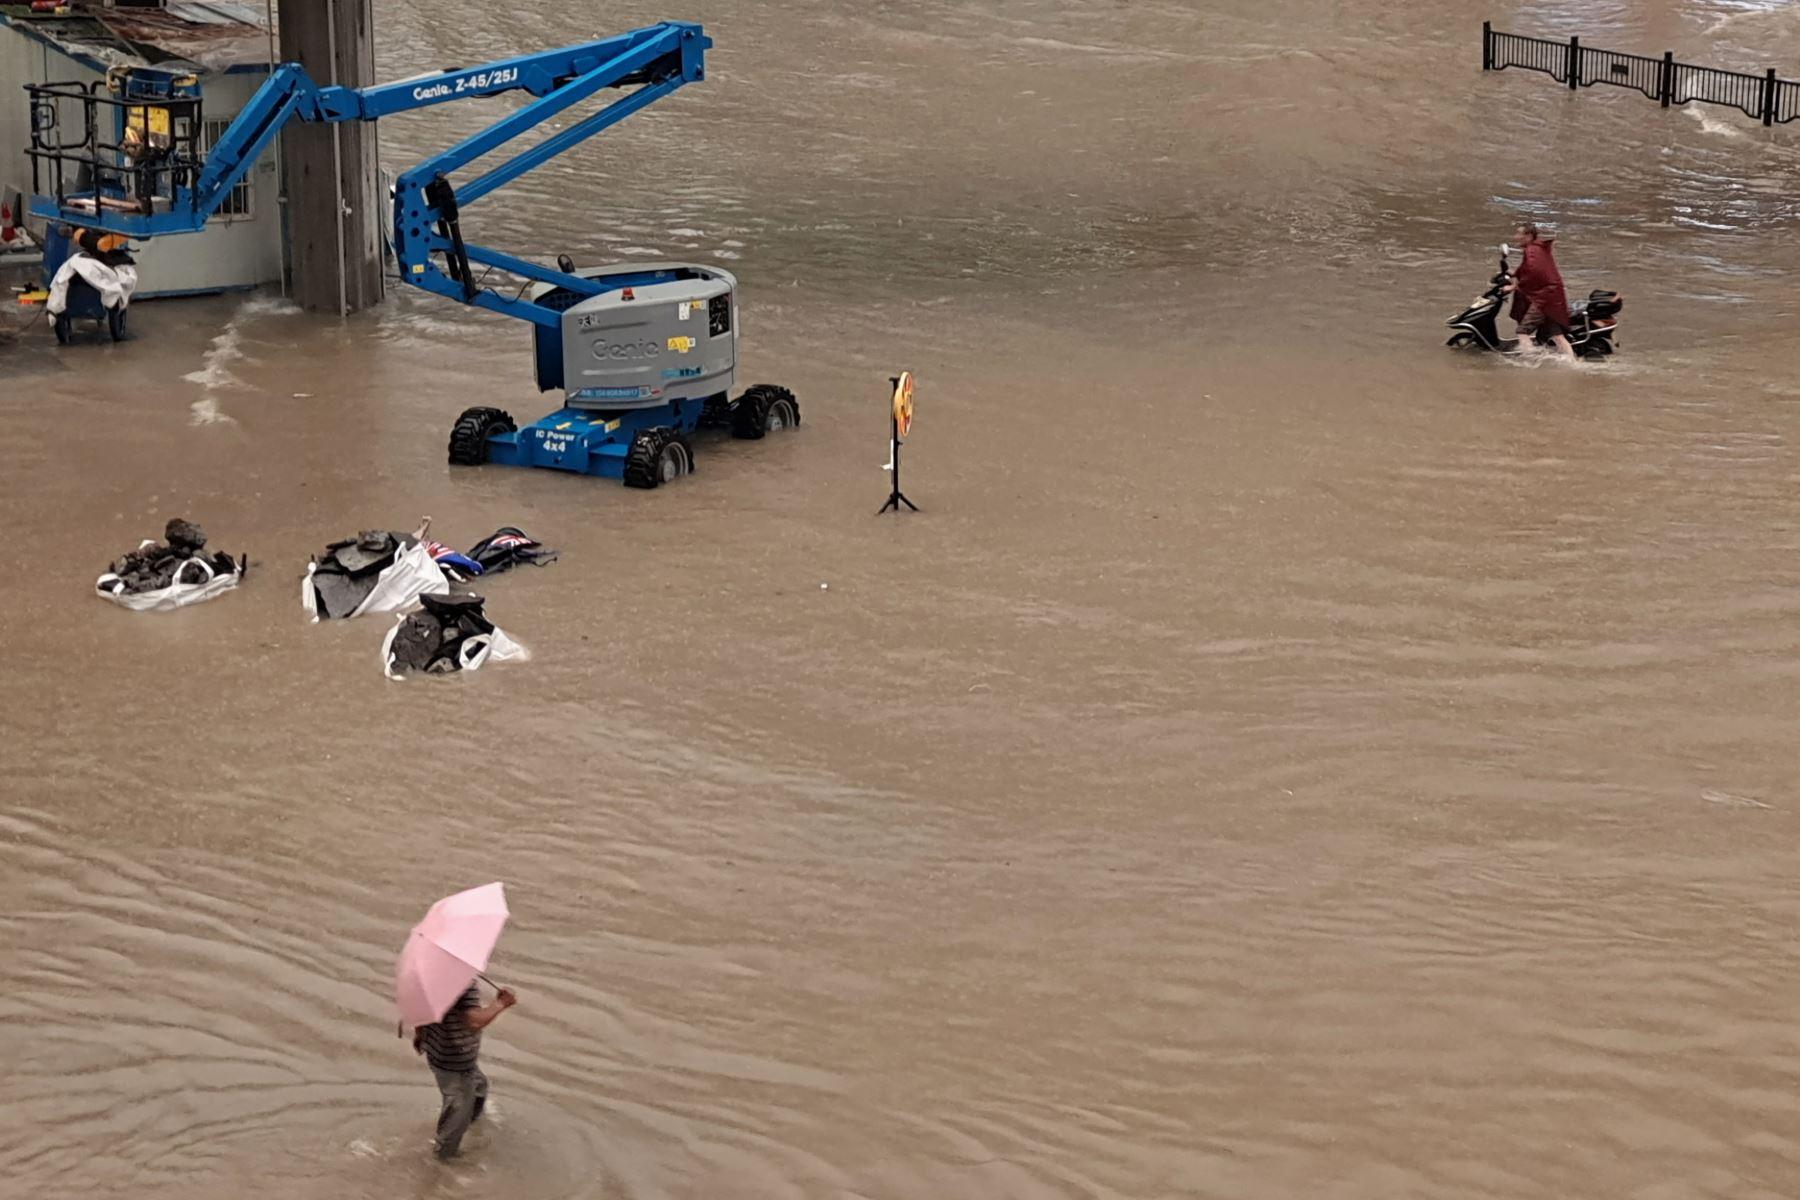 La inundación se observa a lo largo de la calle después de las fuertes lluvias en Zhengzhou, en la provincia de Henan, en China. Foto: AFP